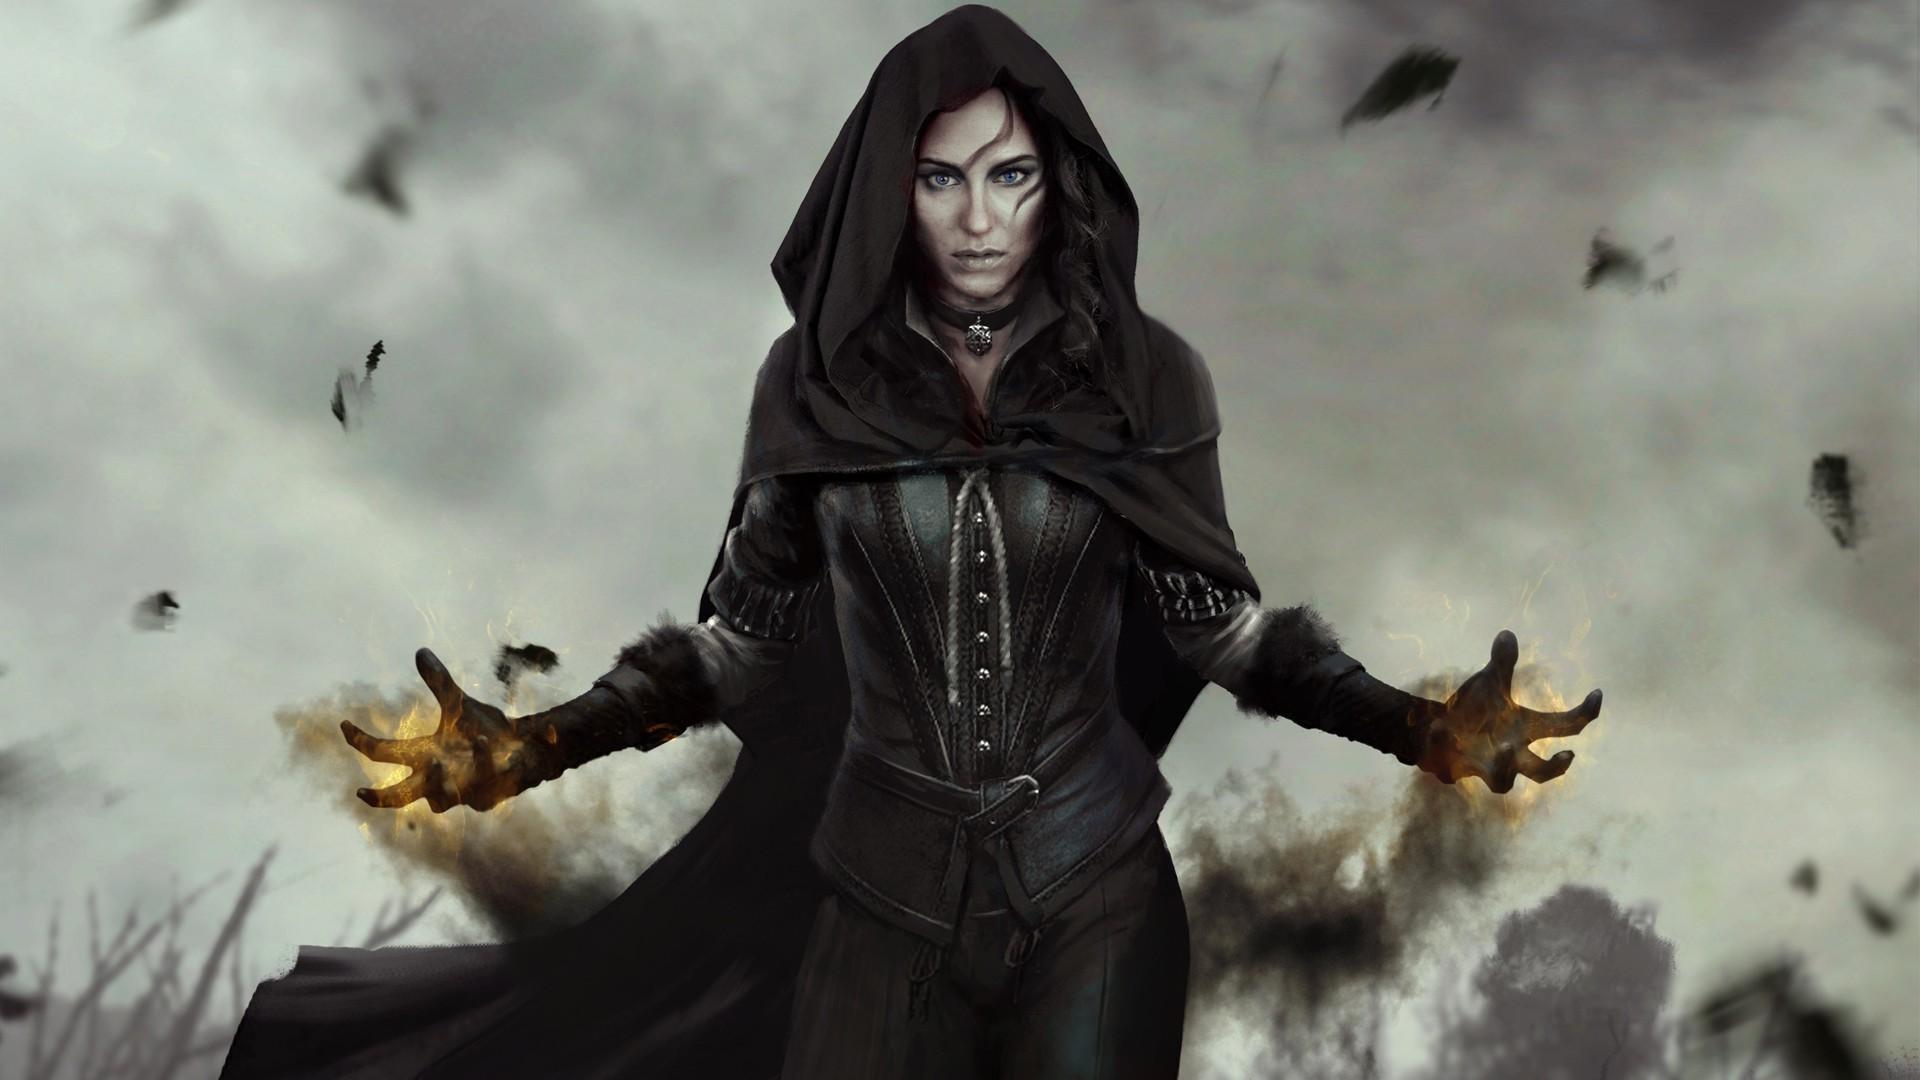 Fondos De Pantalla La Caza Salvaje De Witcher 3 Mitología